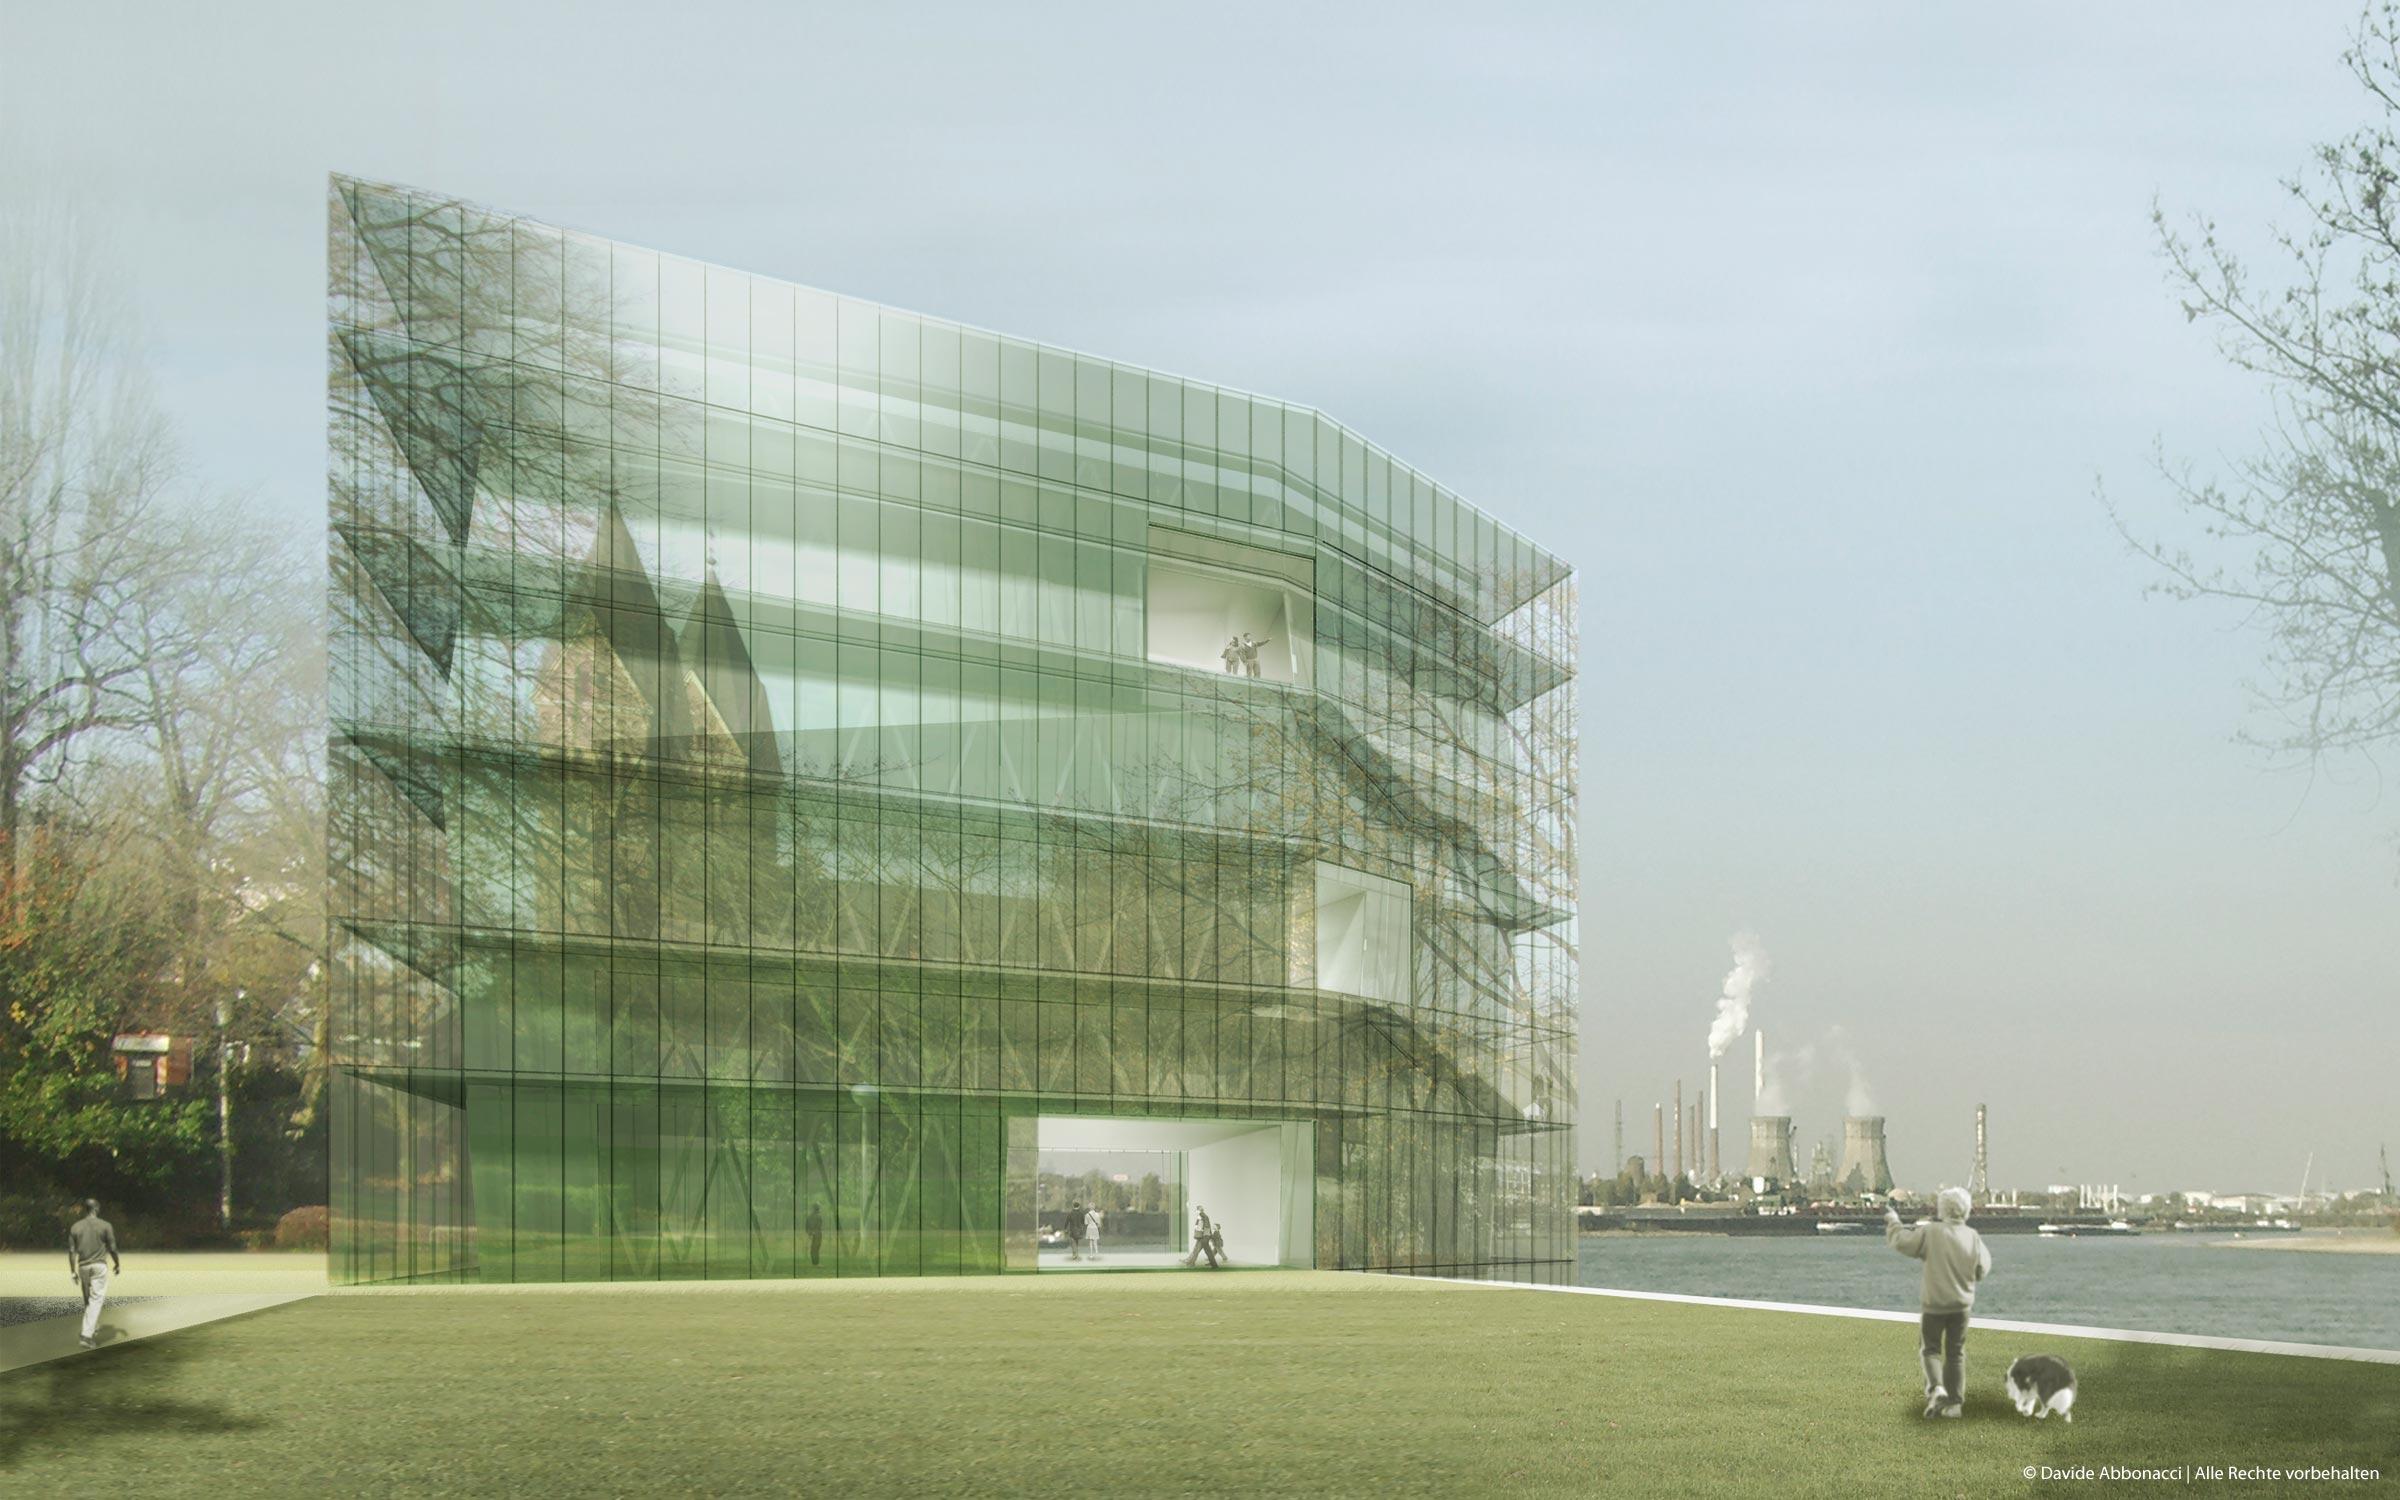 :Chemtech - Ruthmanns Wiese, Wesseling   Bruno Fioretti Marquez Architekten   2008 Wettbewerbsvisualisierung   1. Preis